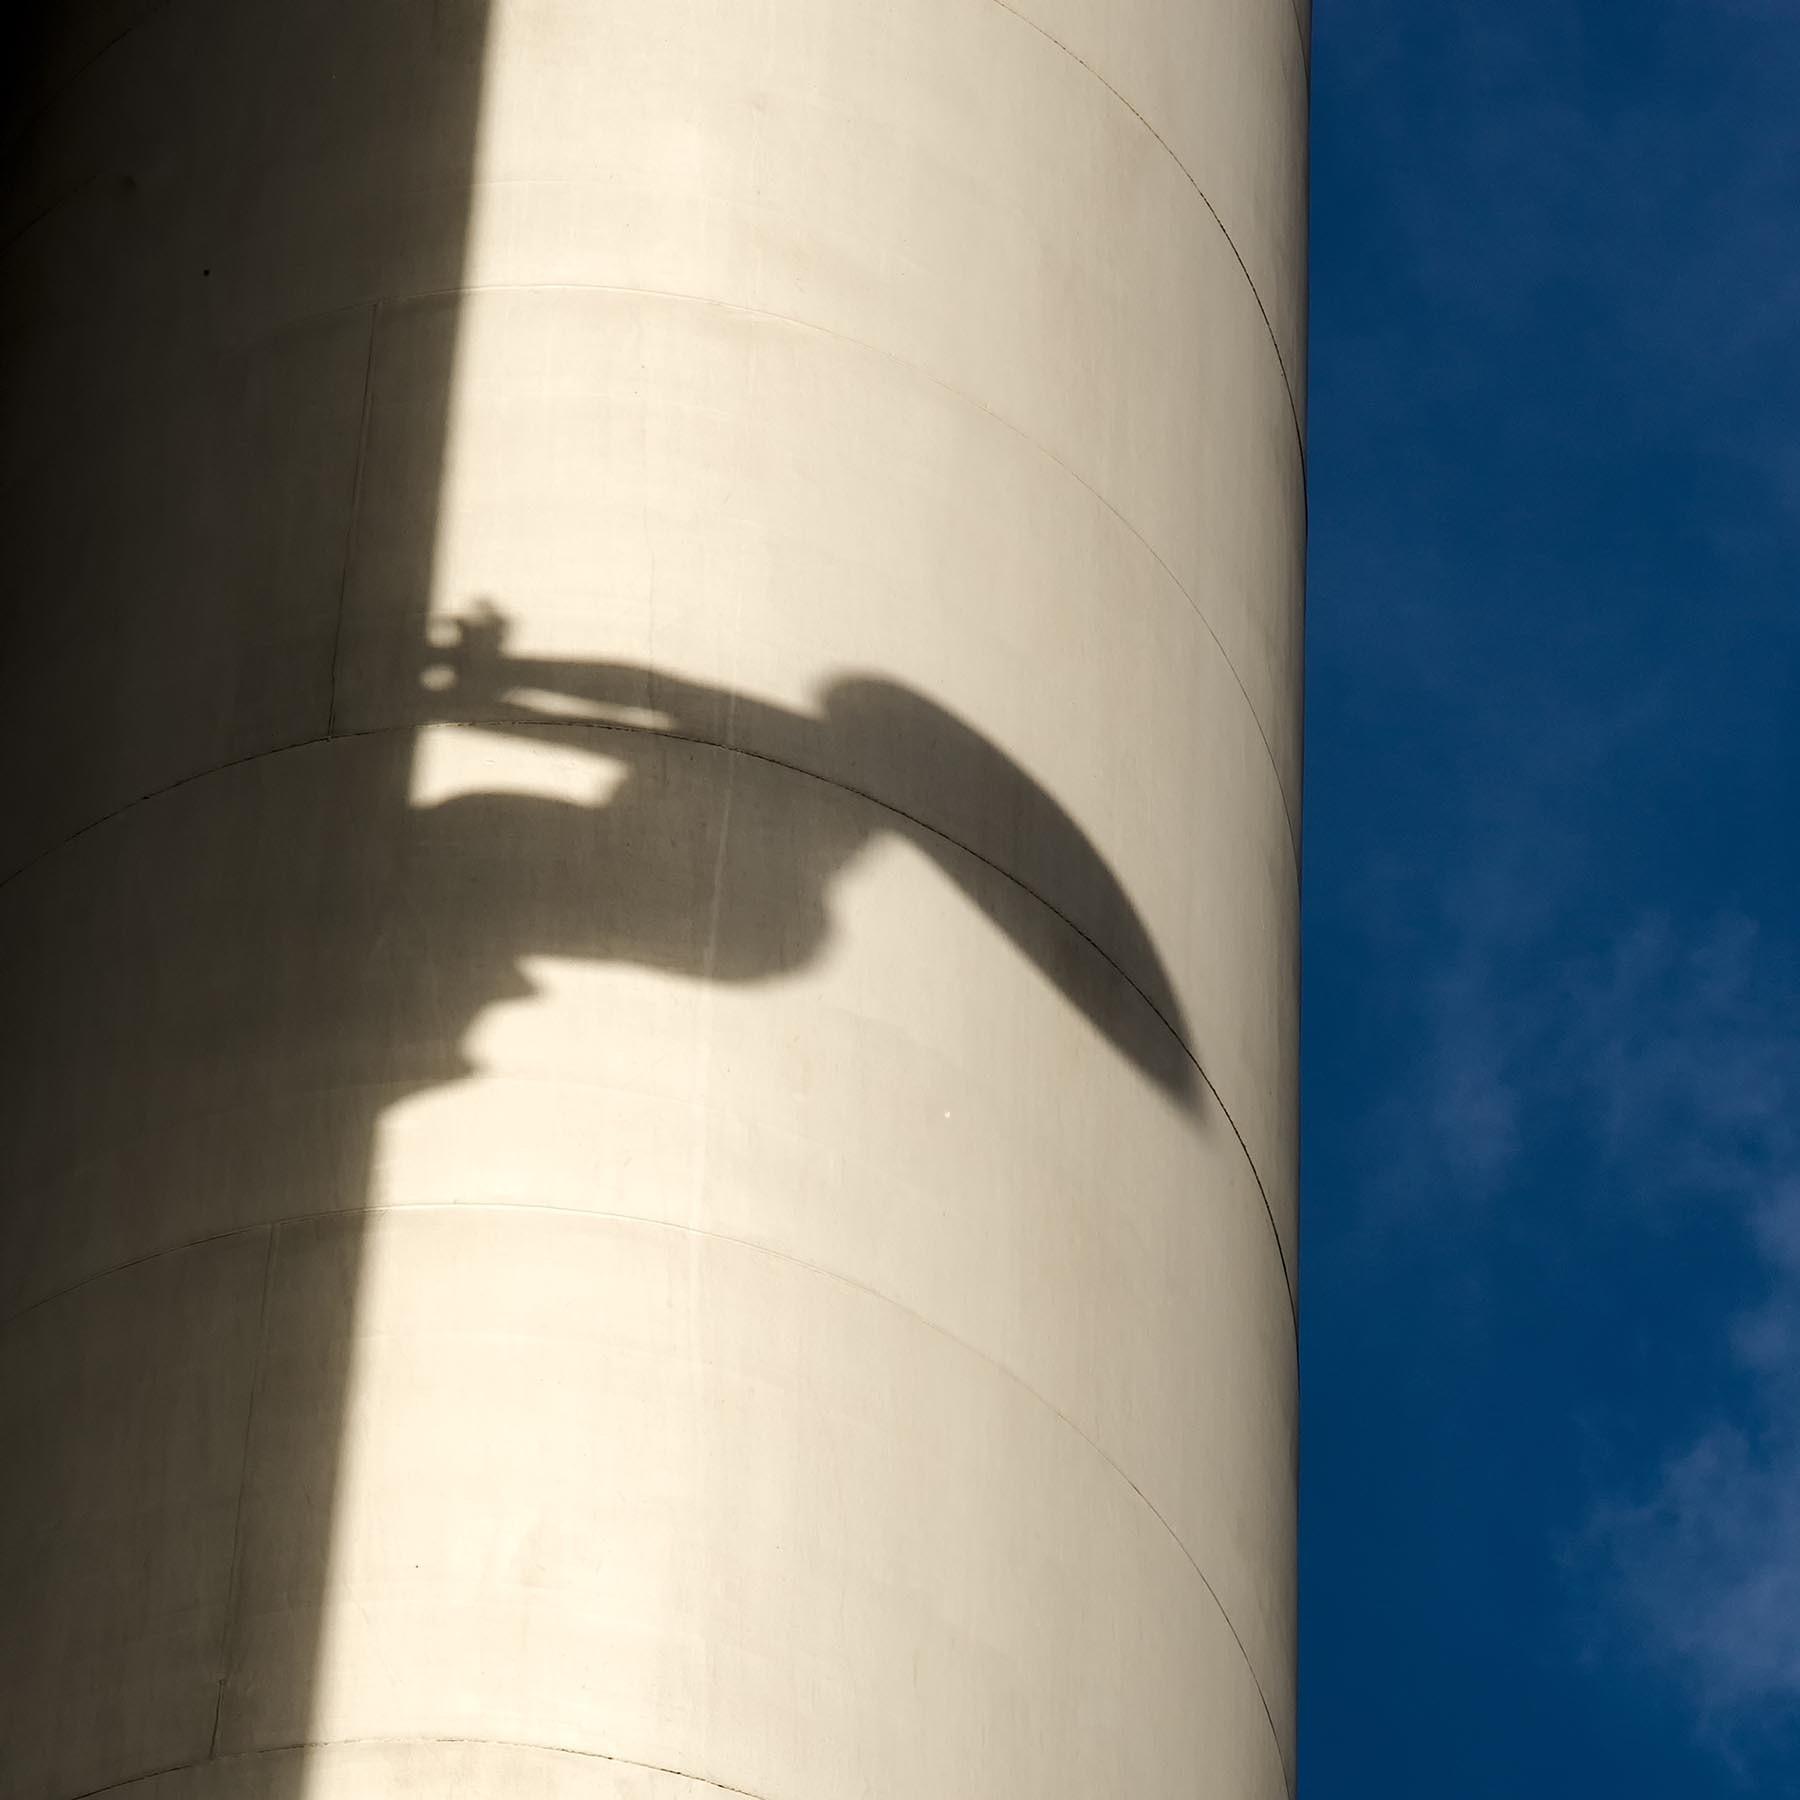 Cień rzeżby Davida Cernego na praskiej wieży telewizyjnej.